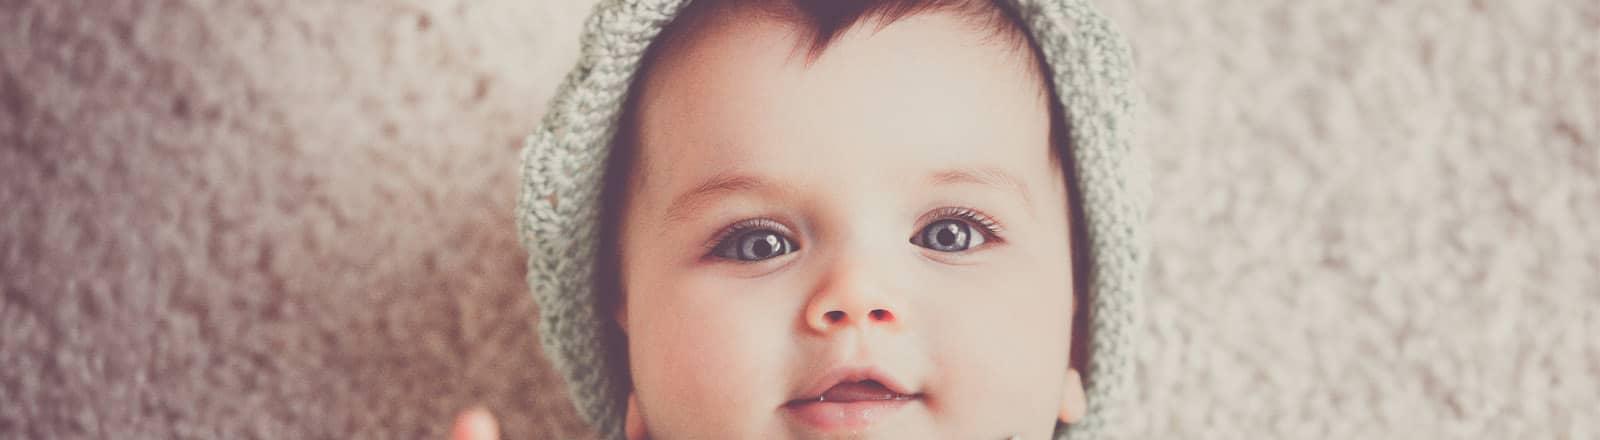 deformidades craneales fisioterapia del bebe